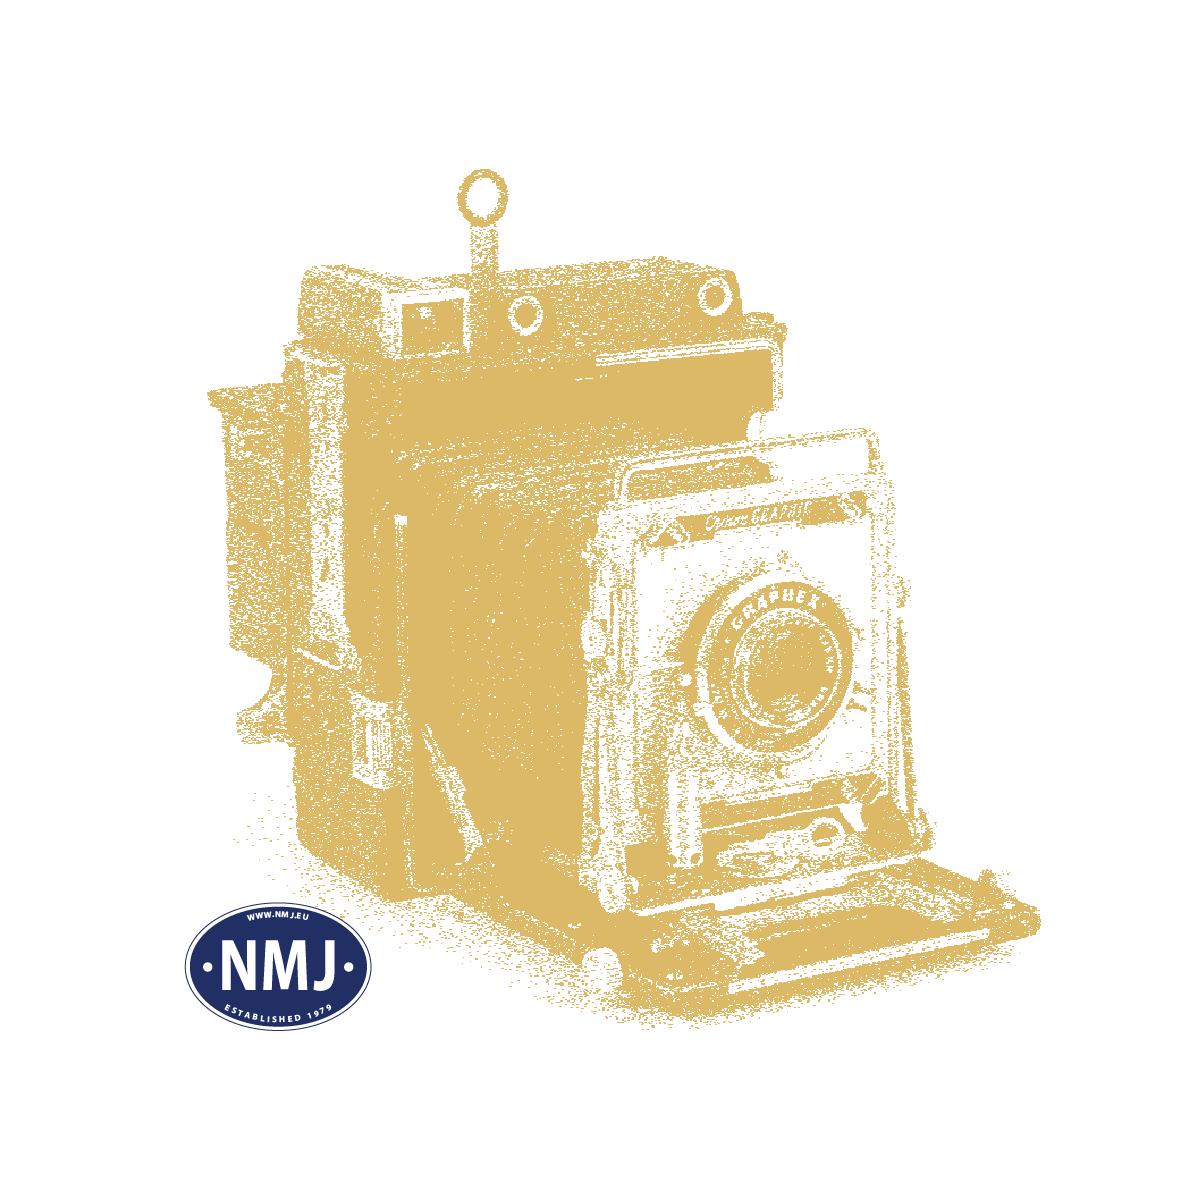 NMJS L4 50270 - NMJ Superline NSB L4 50270, m/ Bremseplattform